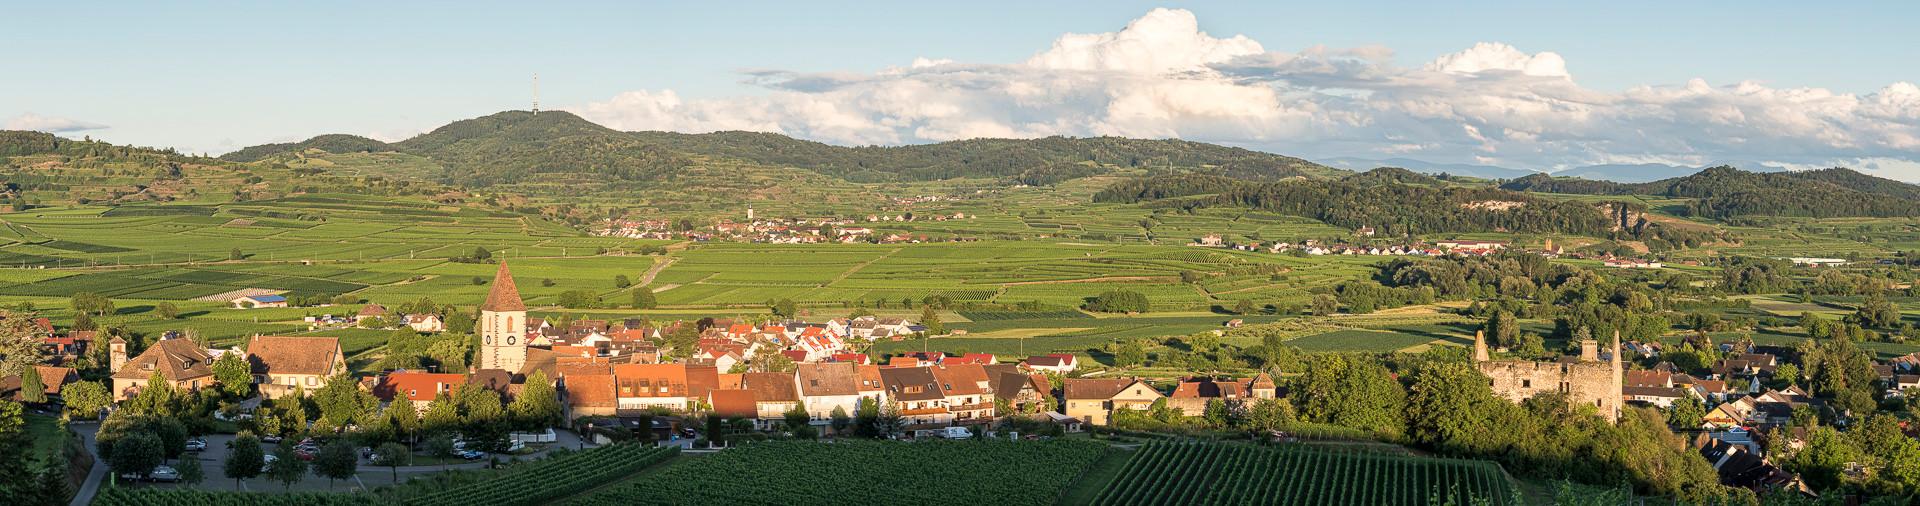 Burkheim_290620_AF_062-Pano.jpg